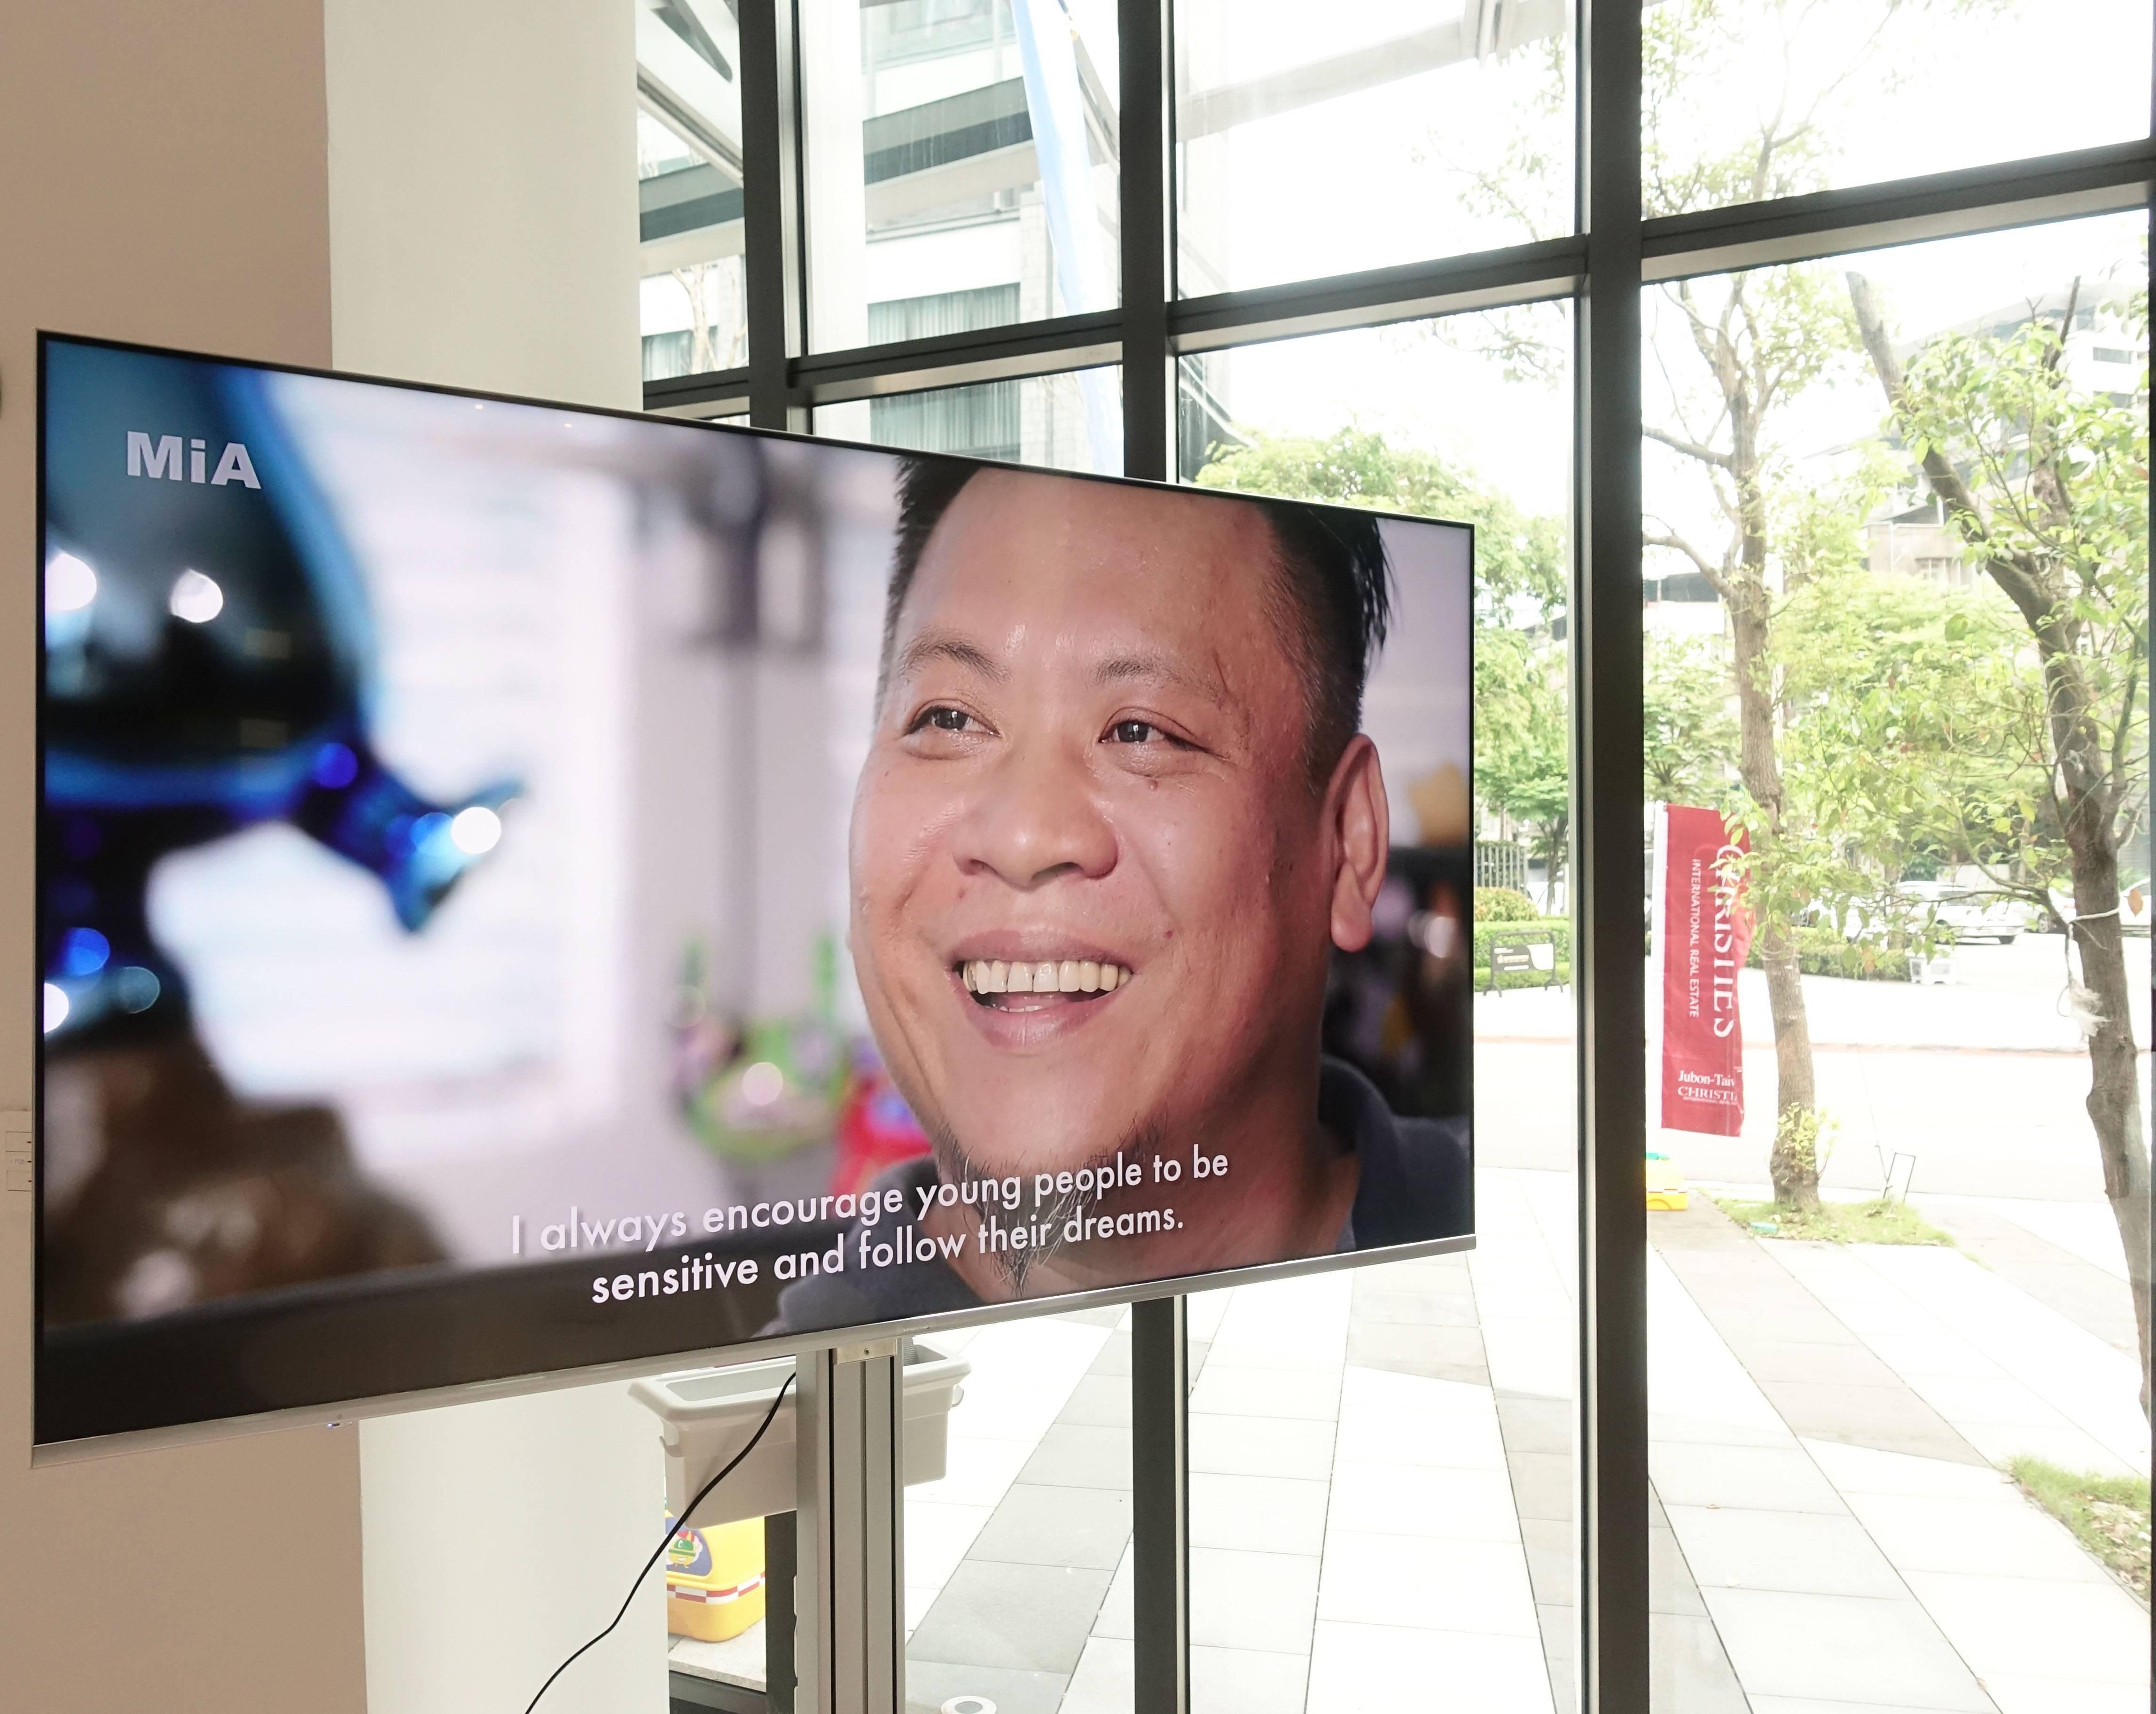 藝術家洪易專訪影音播放於南港砳建築。